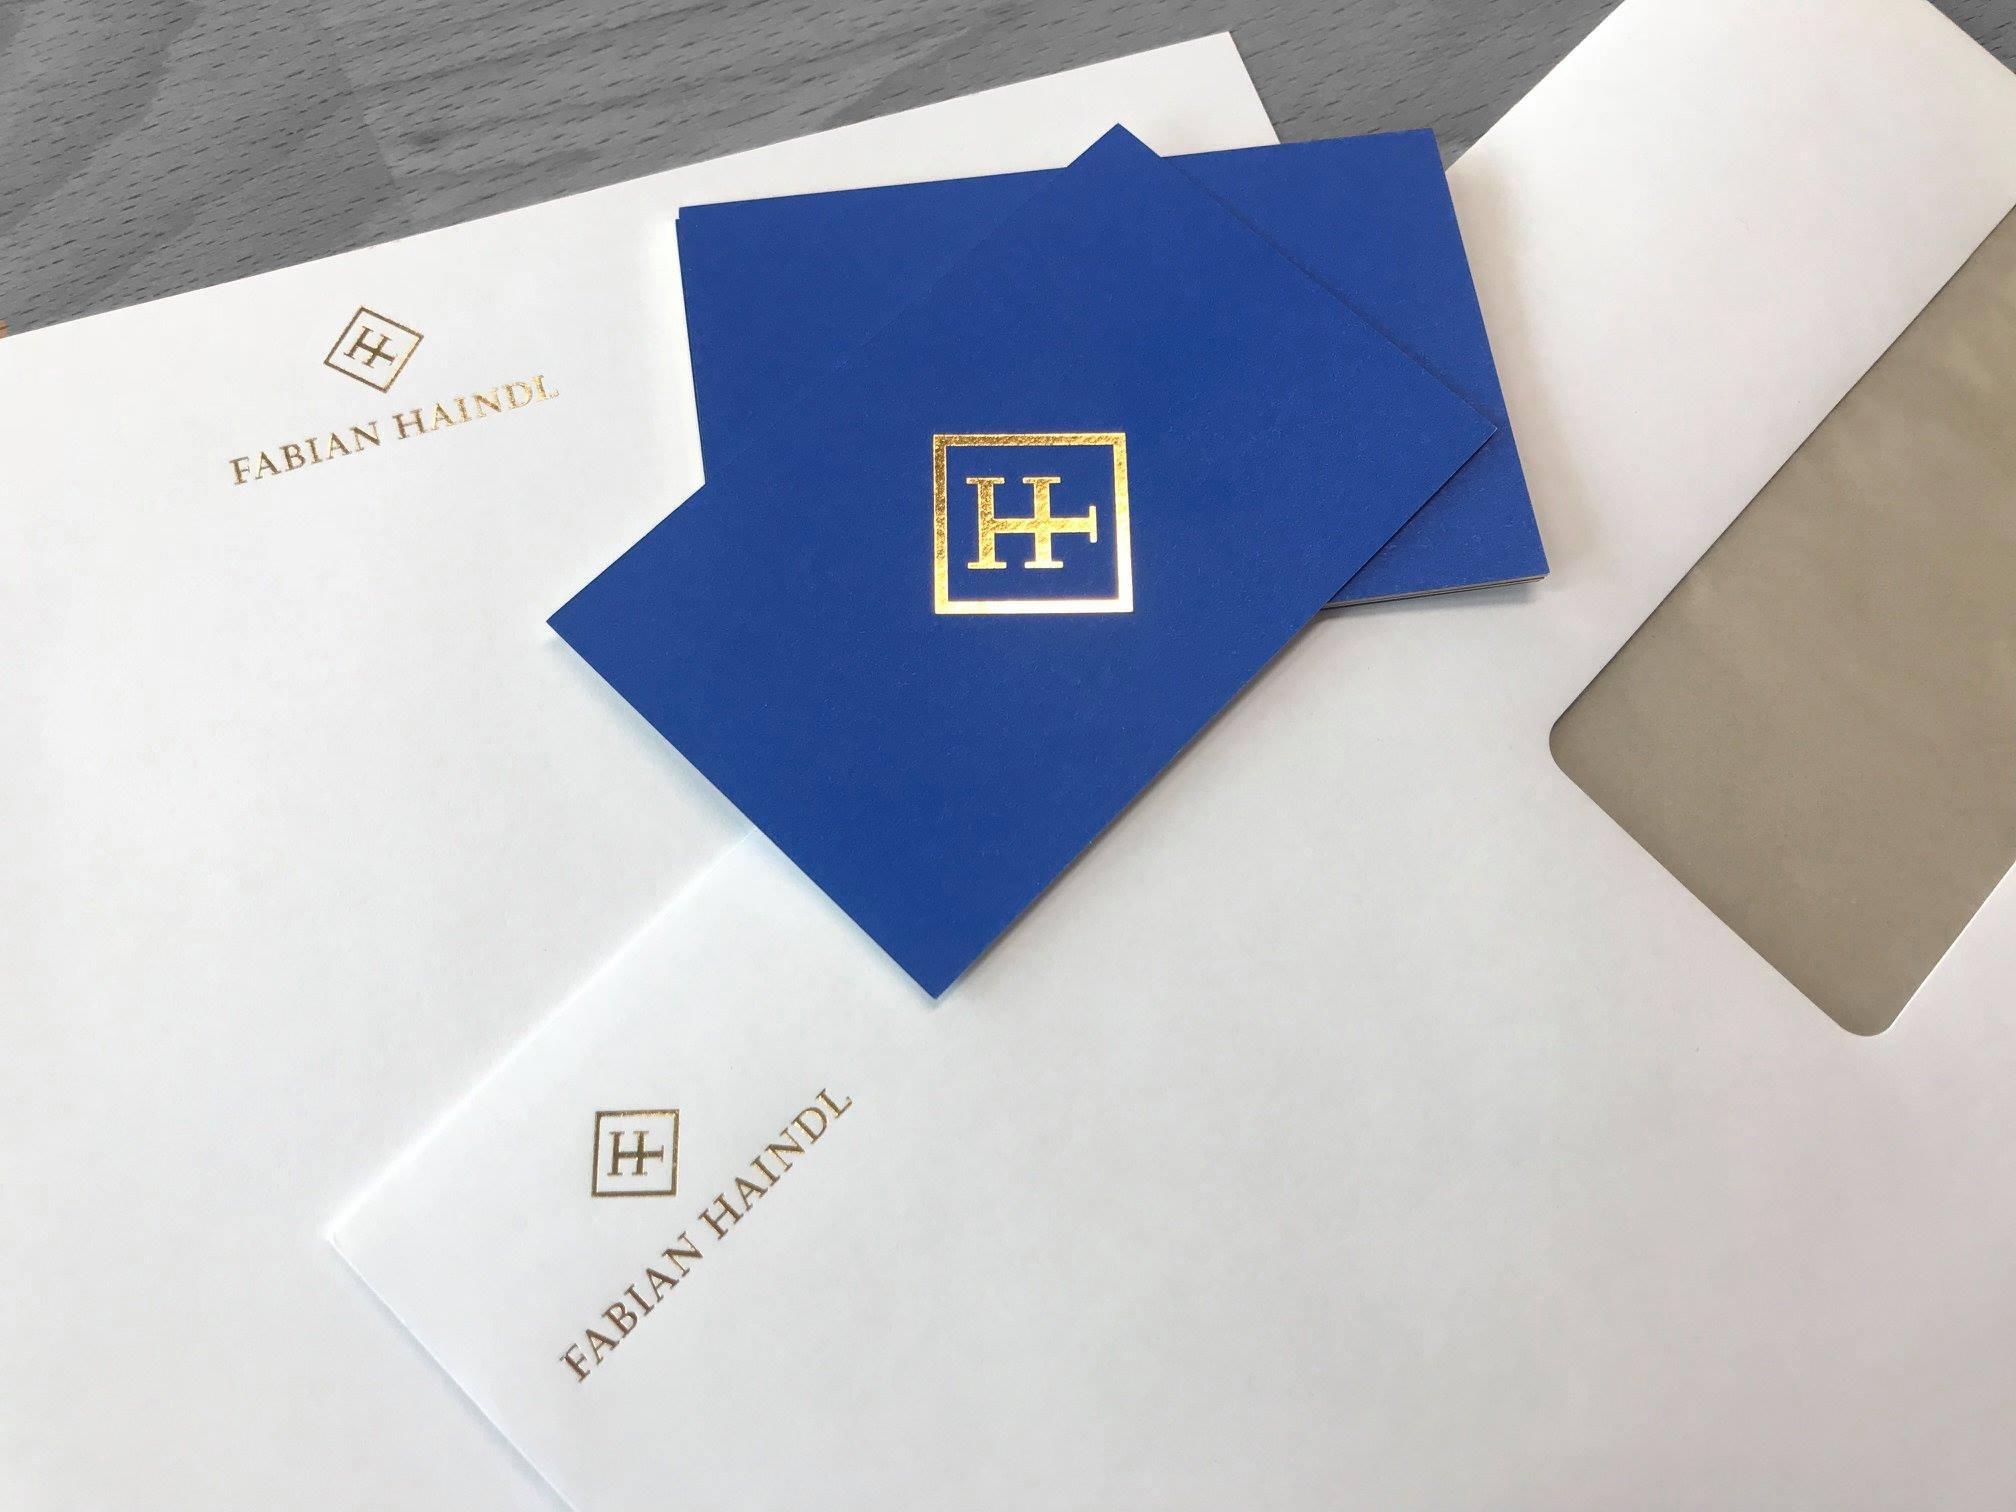 Briefschaften Haindl